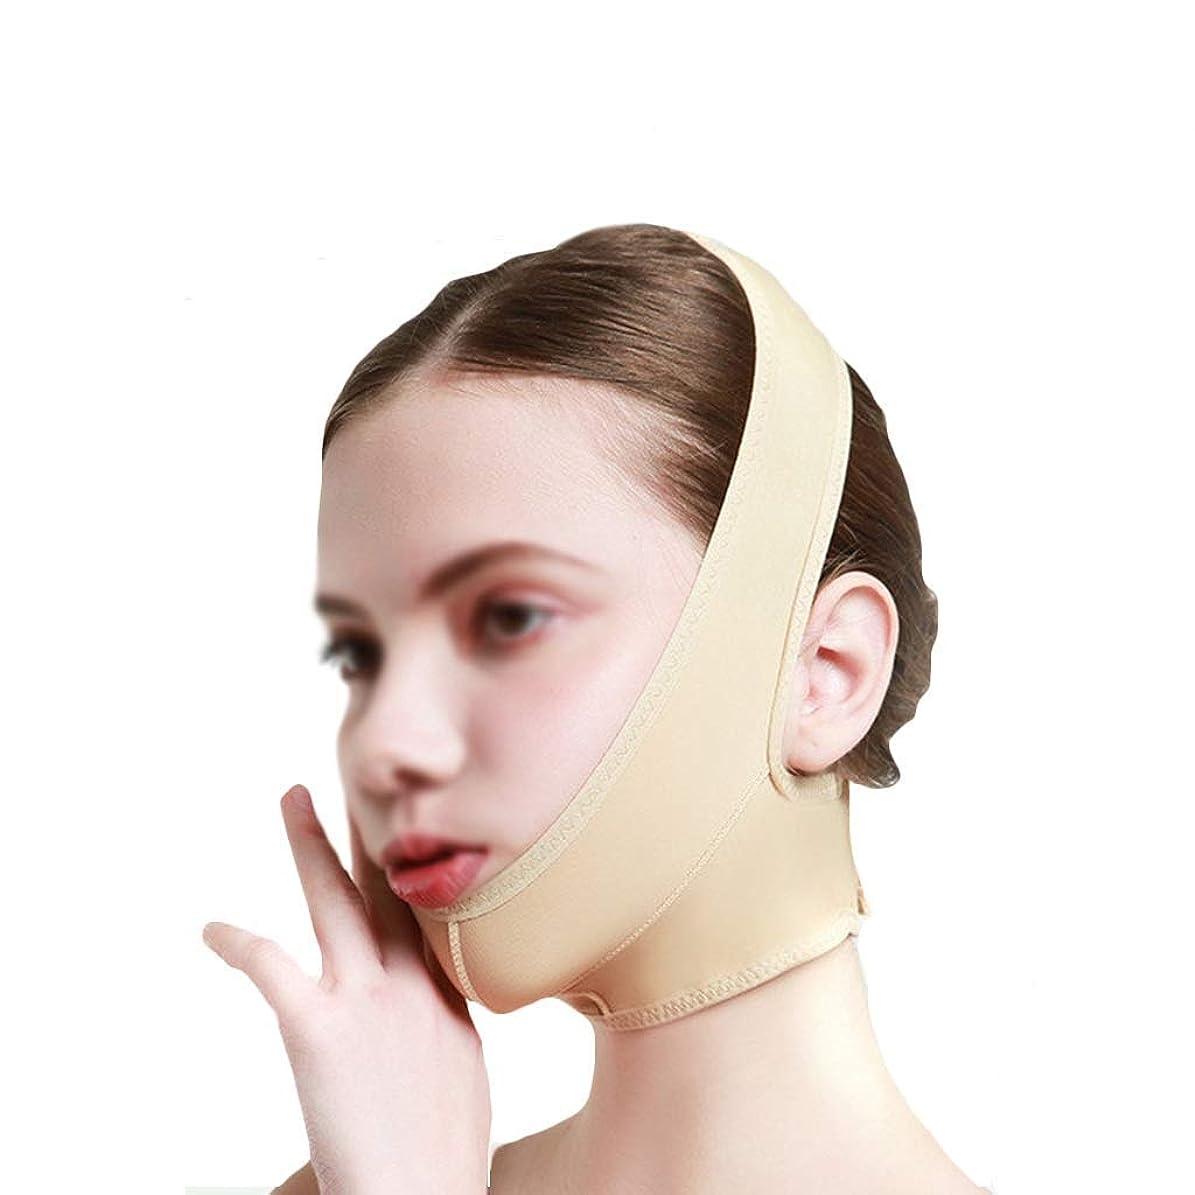 自分のためにだらしない日付付きダブルチンリデューサー、フェイススリミングマスク、フェイスリフティング、ストレッチマスク、ダブルチン、浮腫緩和、ケアツール、通気性(サイズ:XL),S